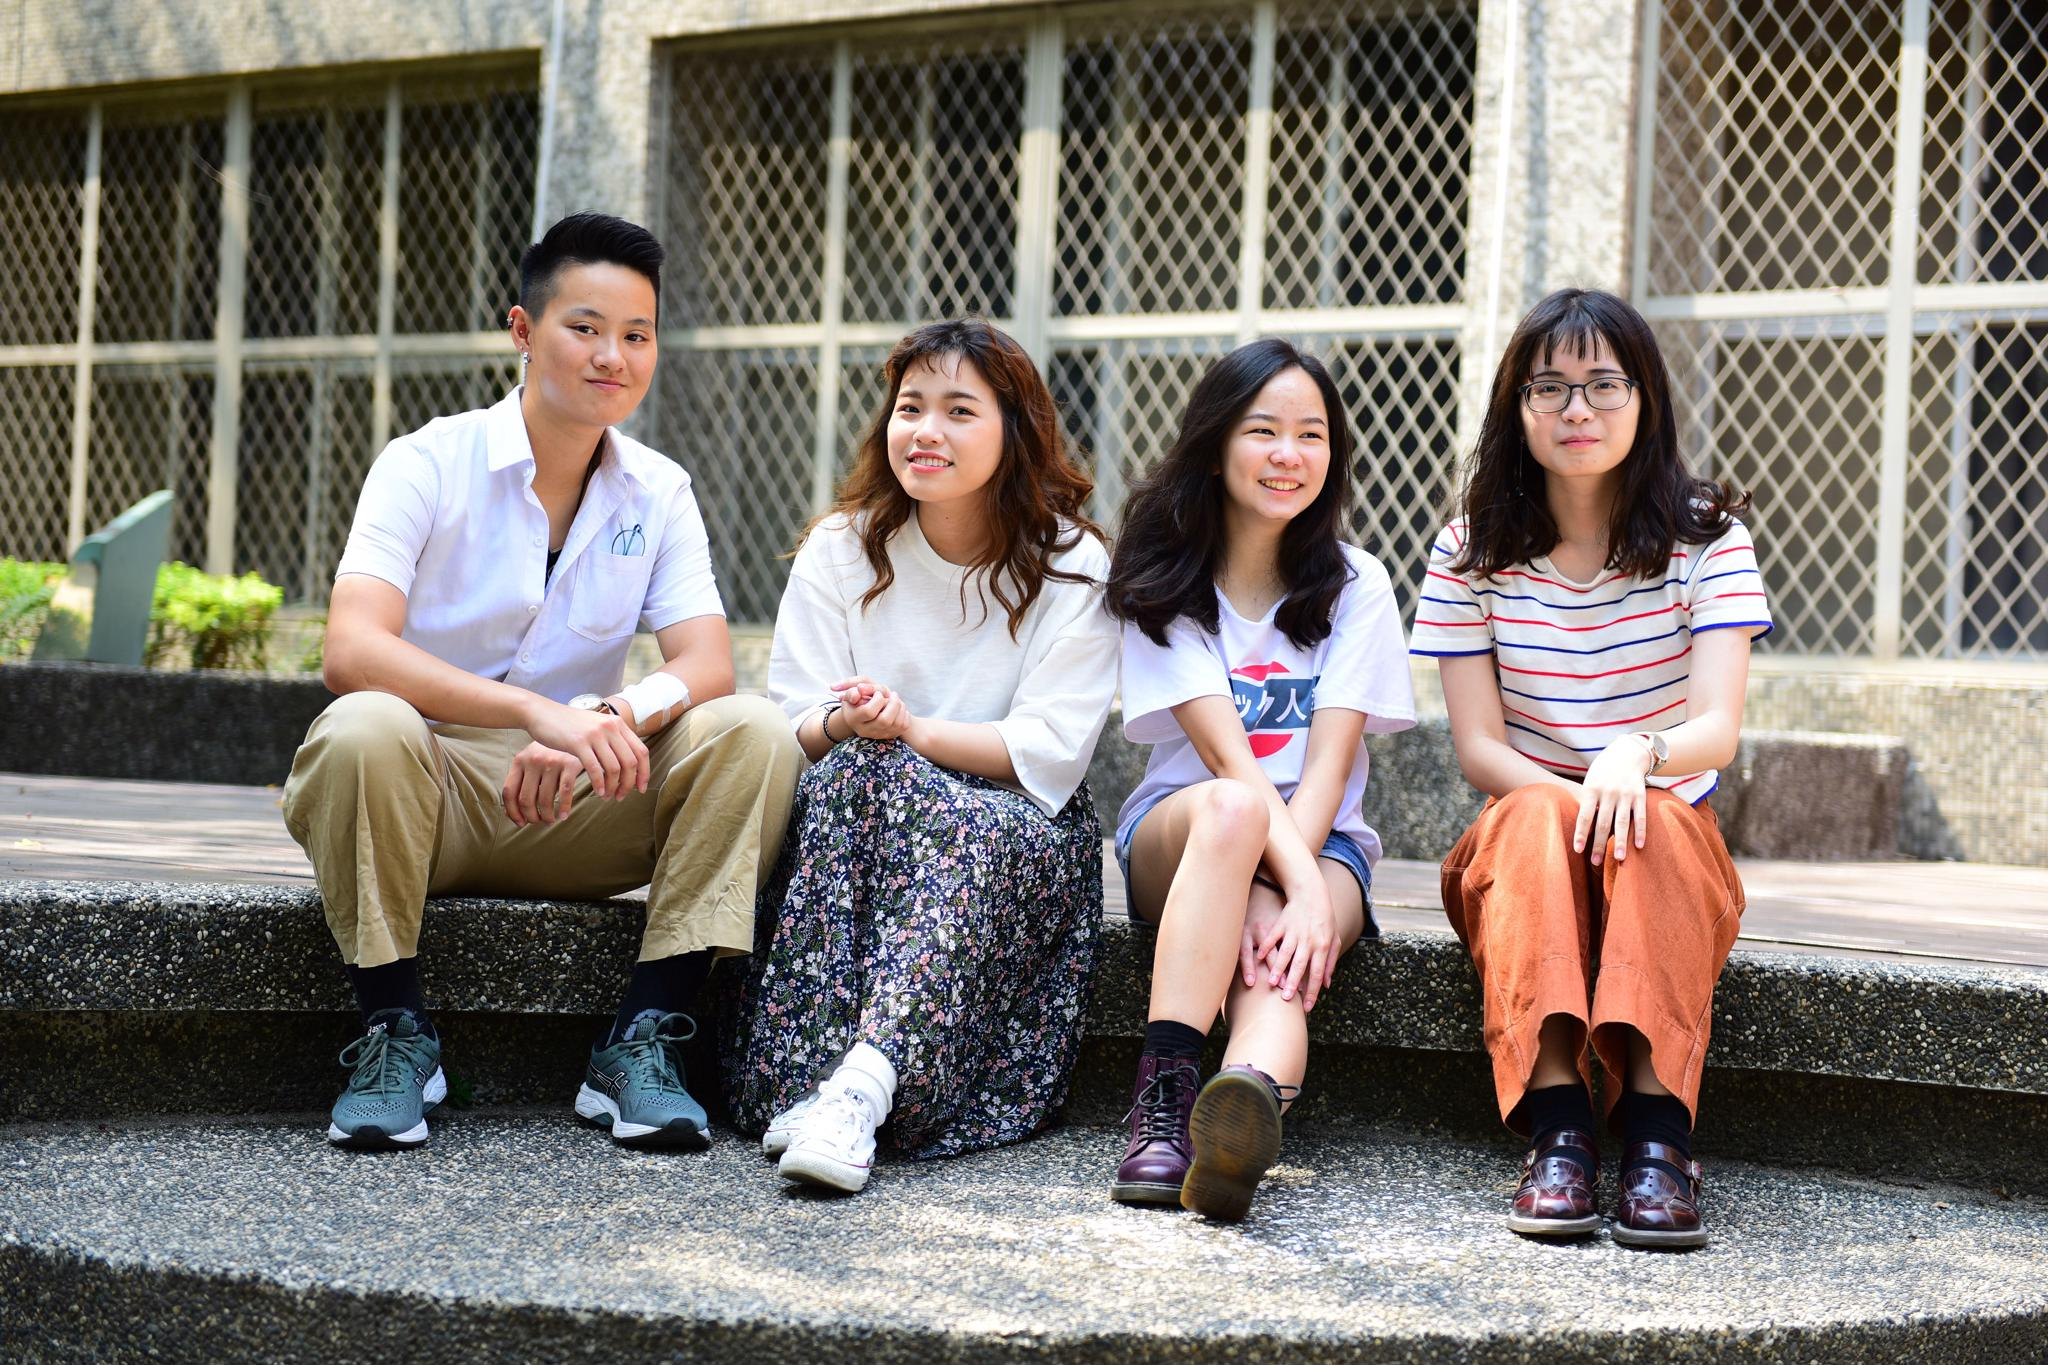 唐德容(左一)與同學相處融洽.JPG